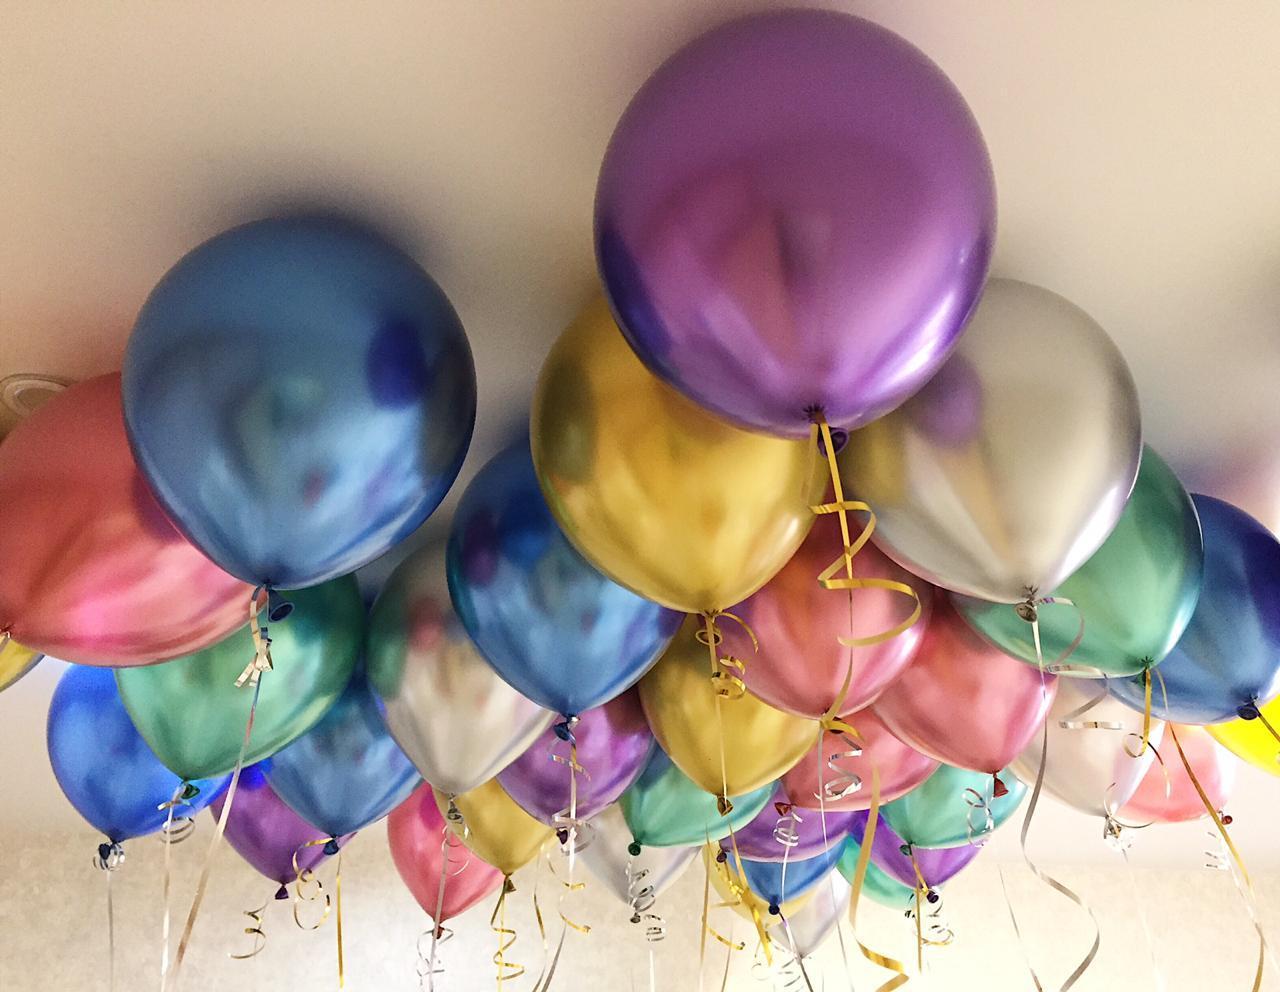 предложения воздушные шары разных цветов фото фанаты считают, что